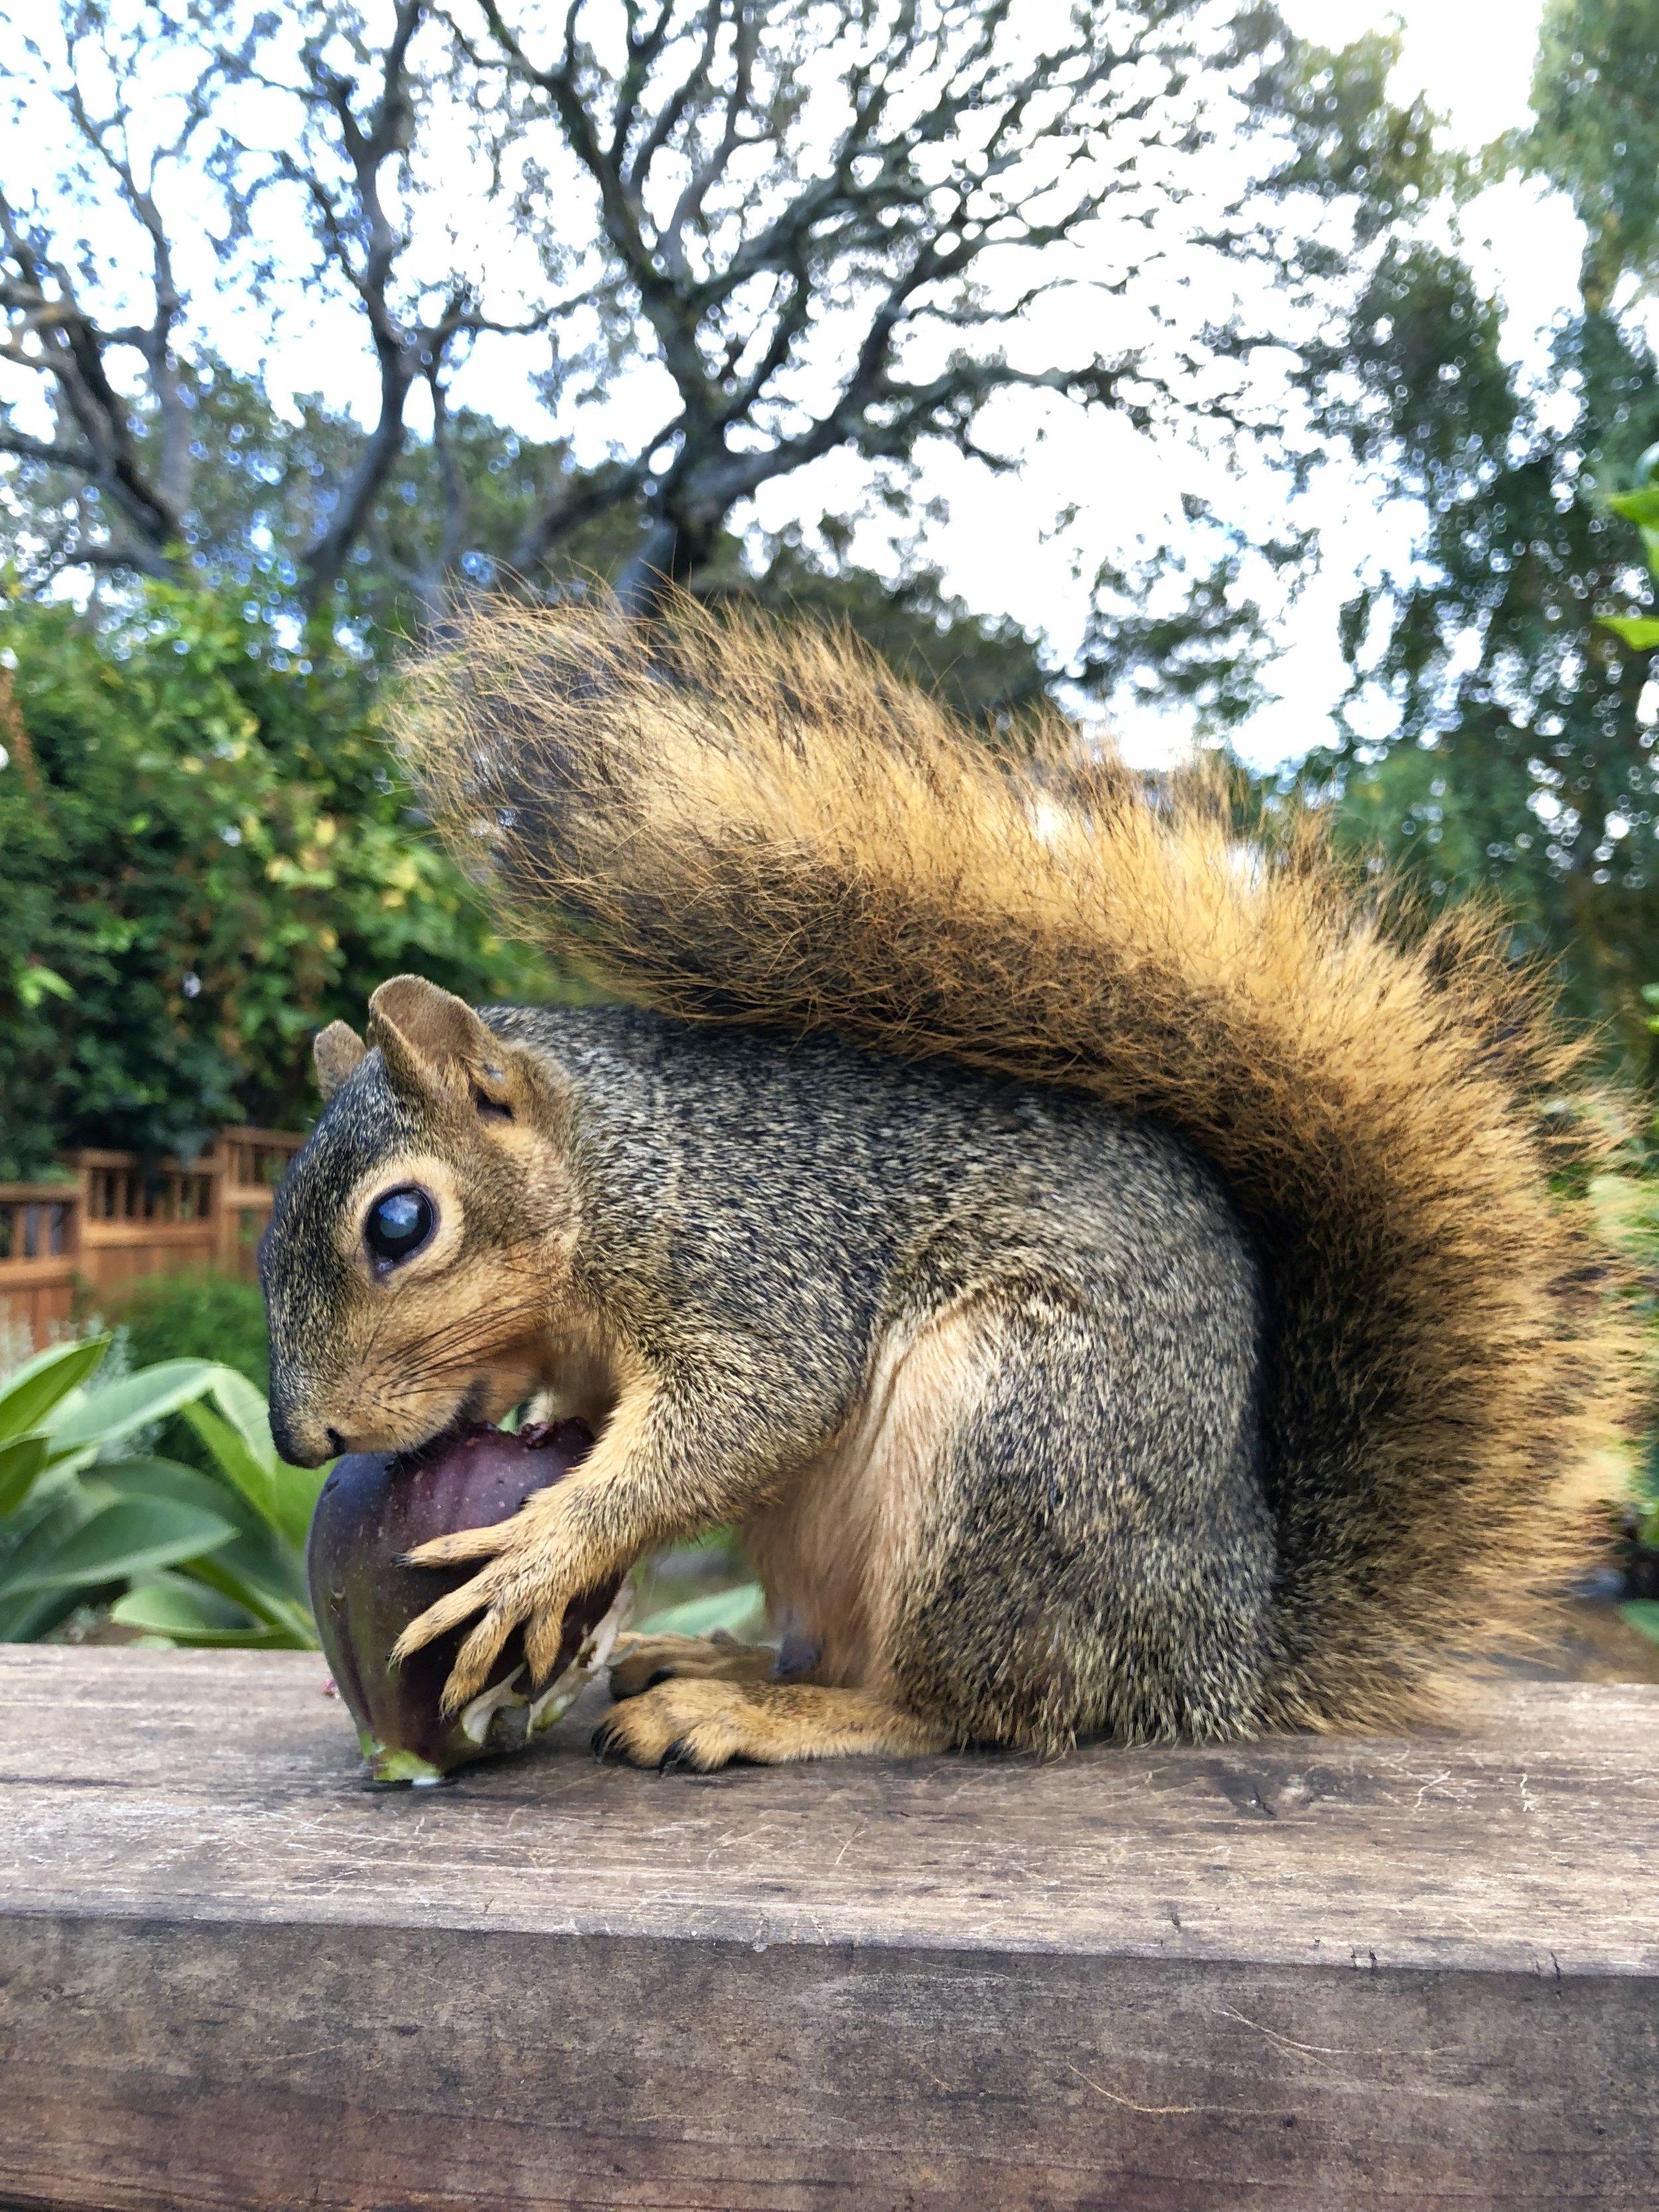 Eddie the Squirrel